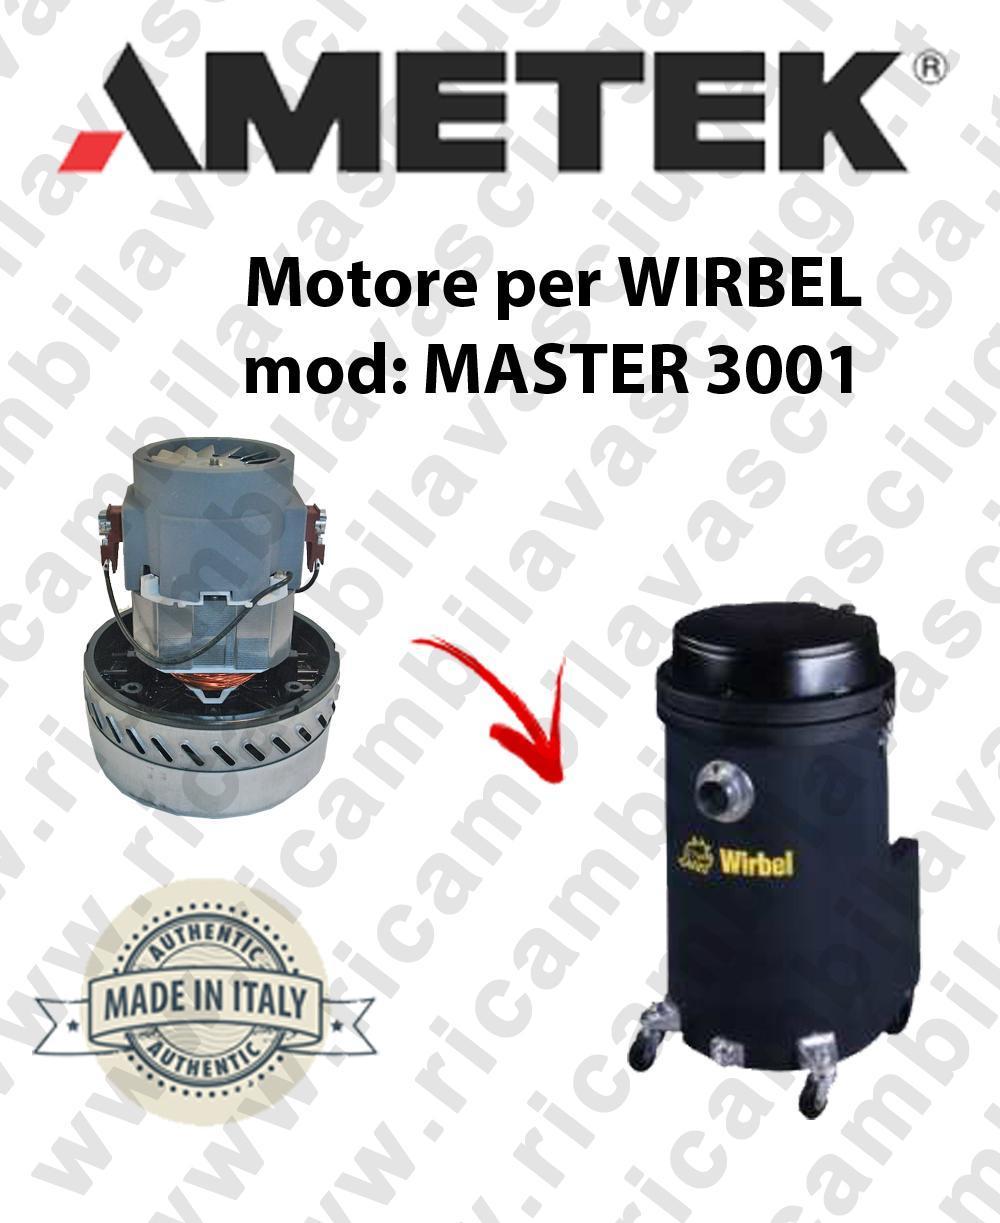 MASTER 3001 Motore de aspiración AMETEK  para aspiradora WIRBEL